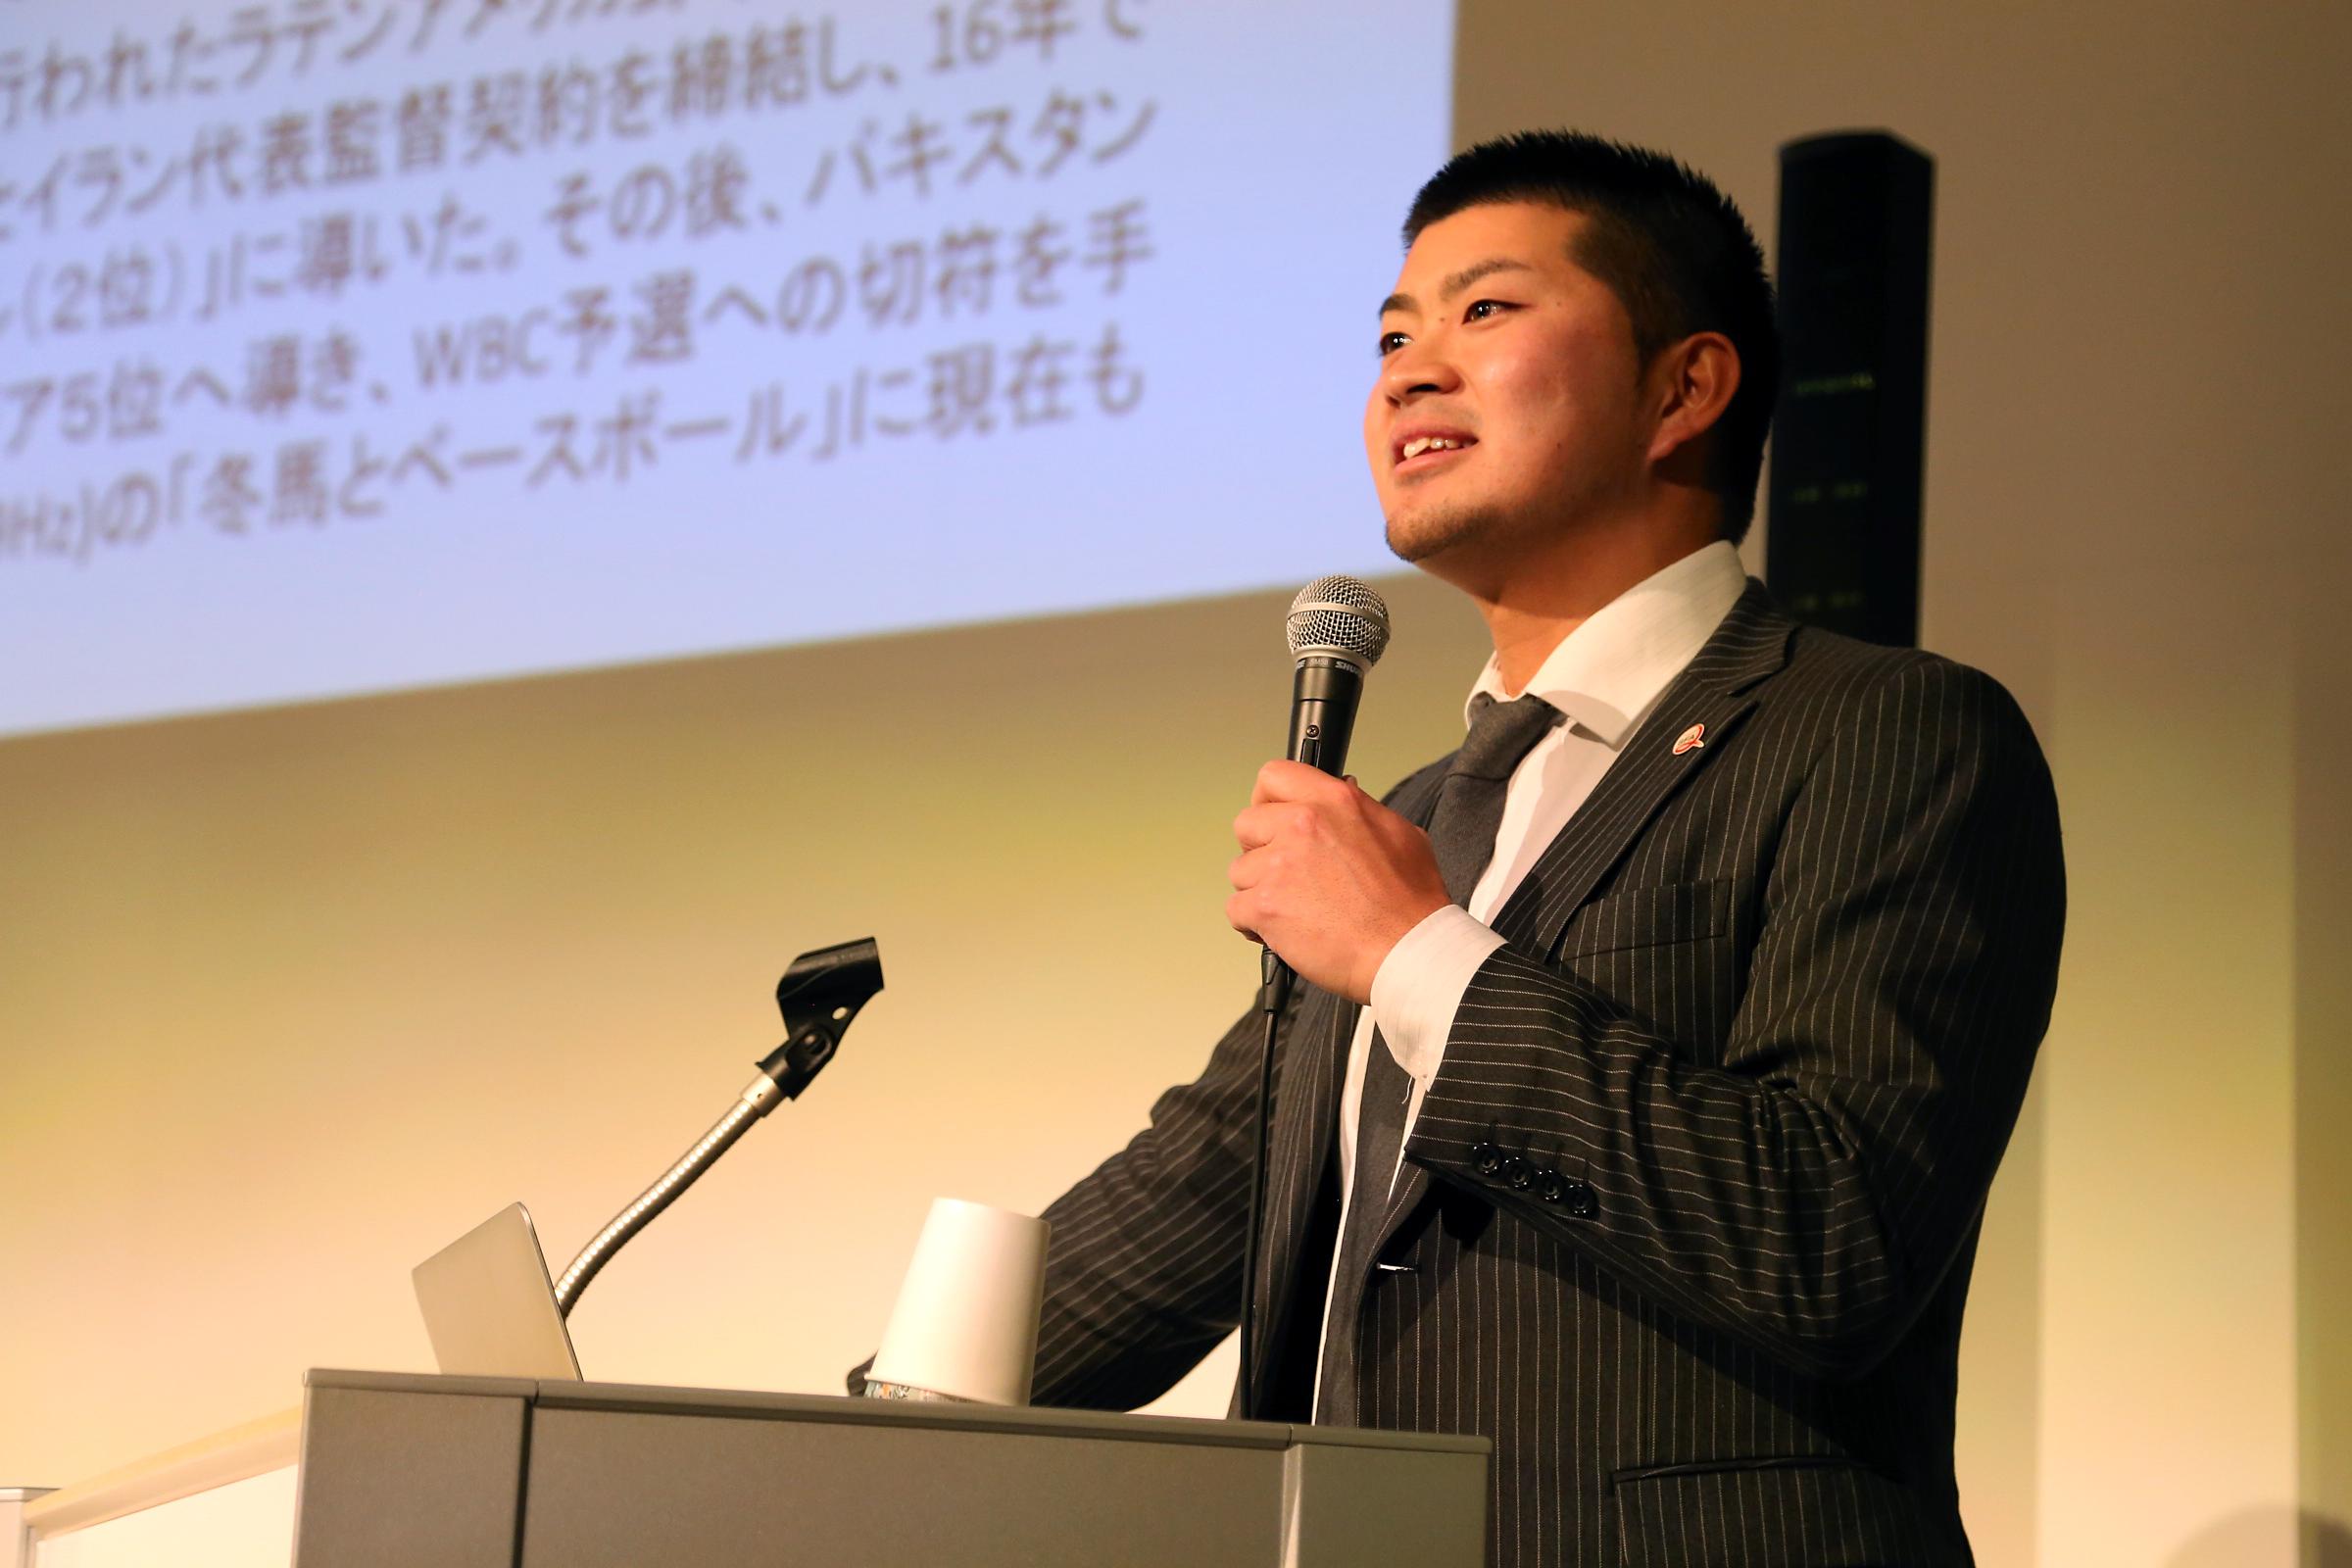 【イベントレポート】ハウスレクチャーシリーズvol.15「アジア各国の野球代表監督・色川冬馬の挑戦」を開催しました